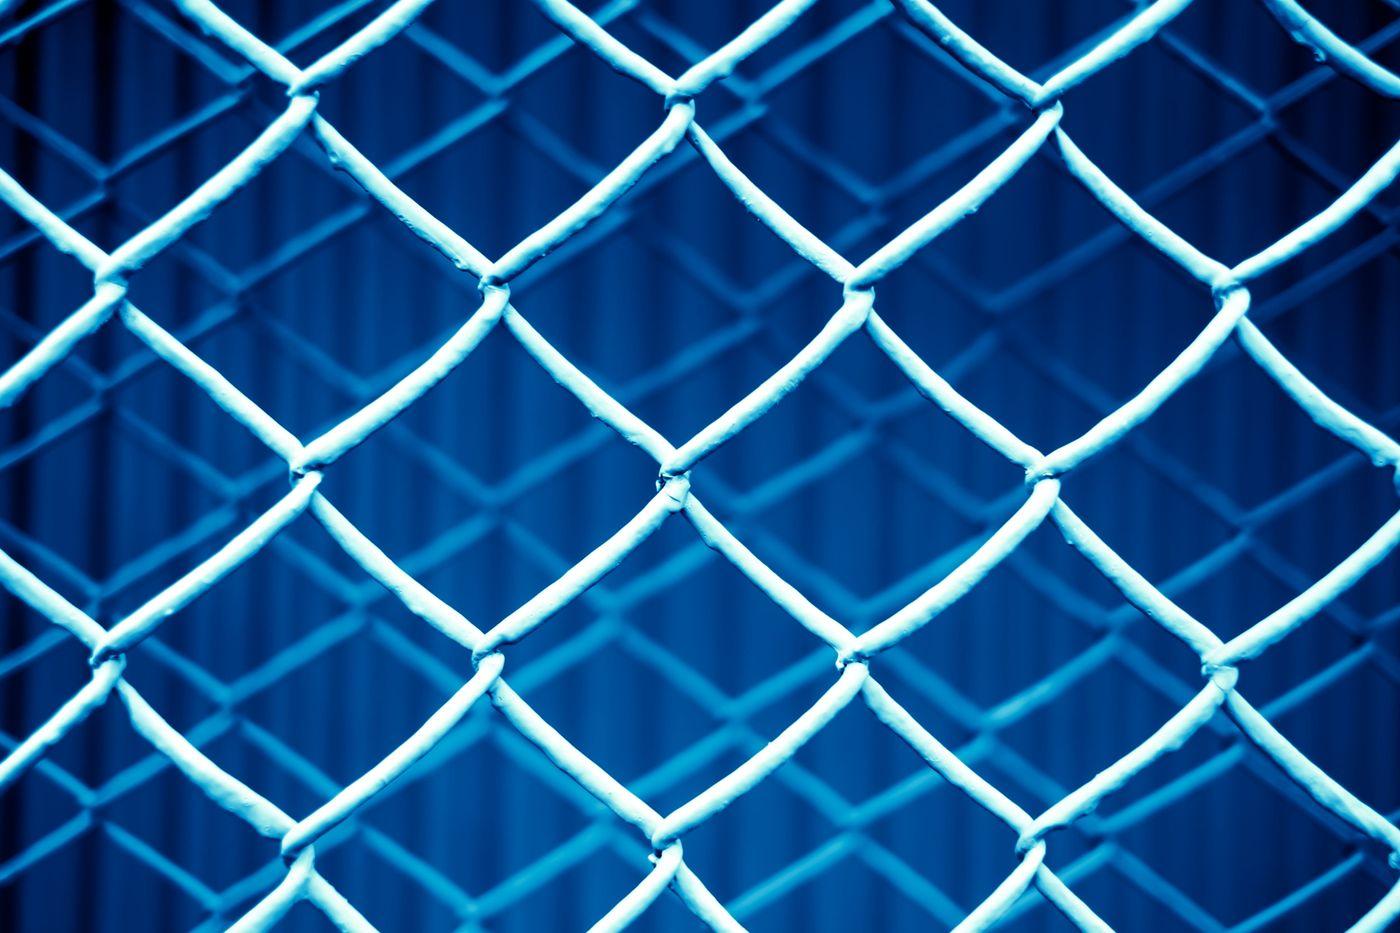 重なった金網フェンス(青)の写真